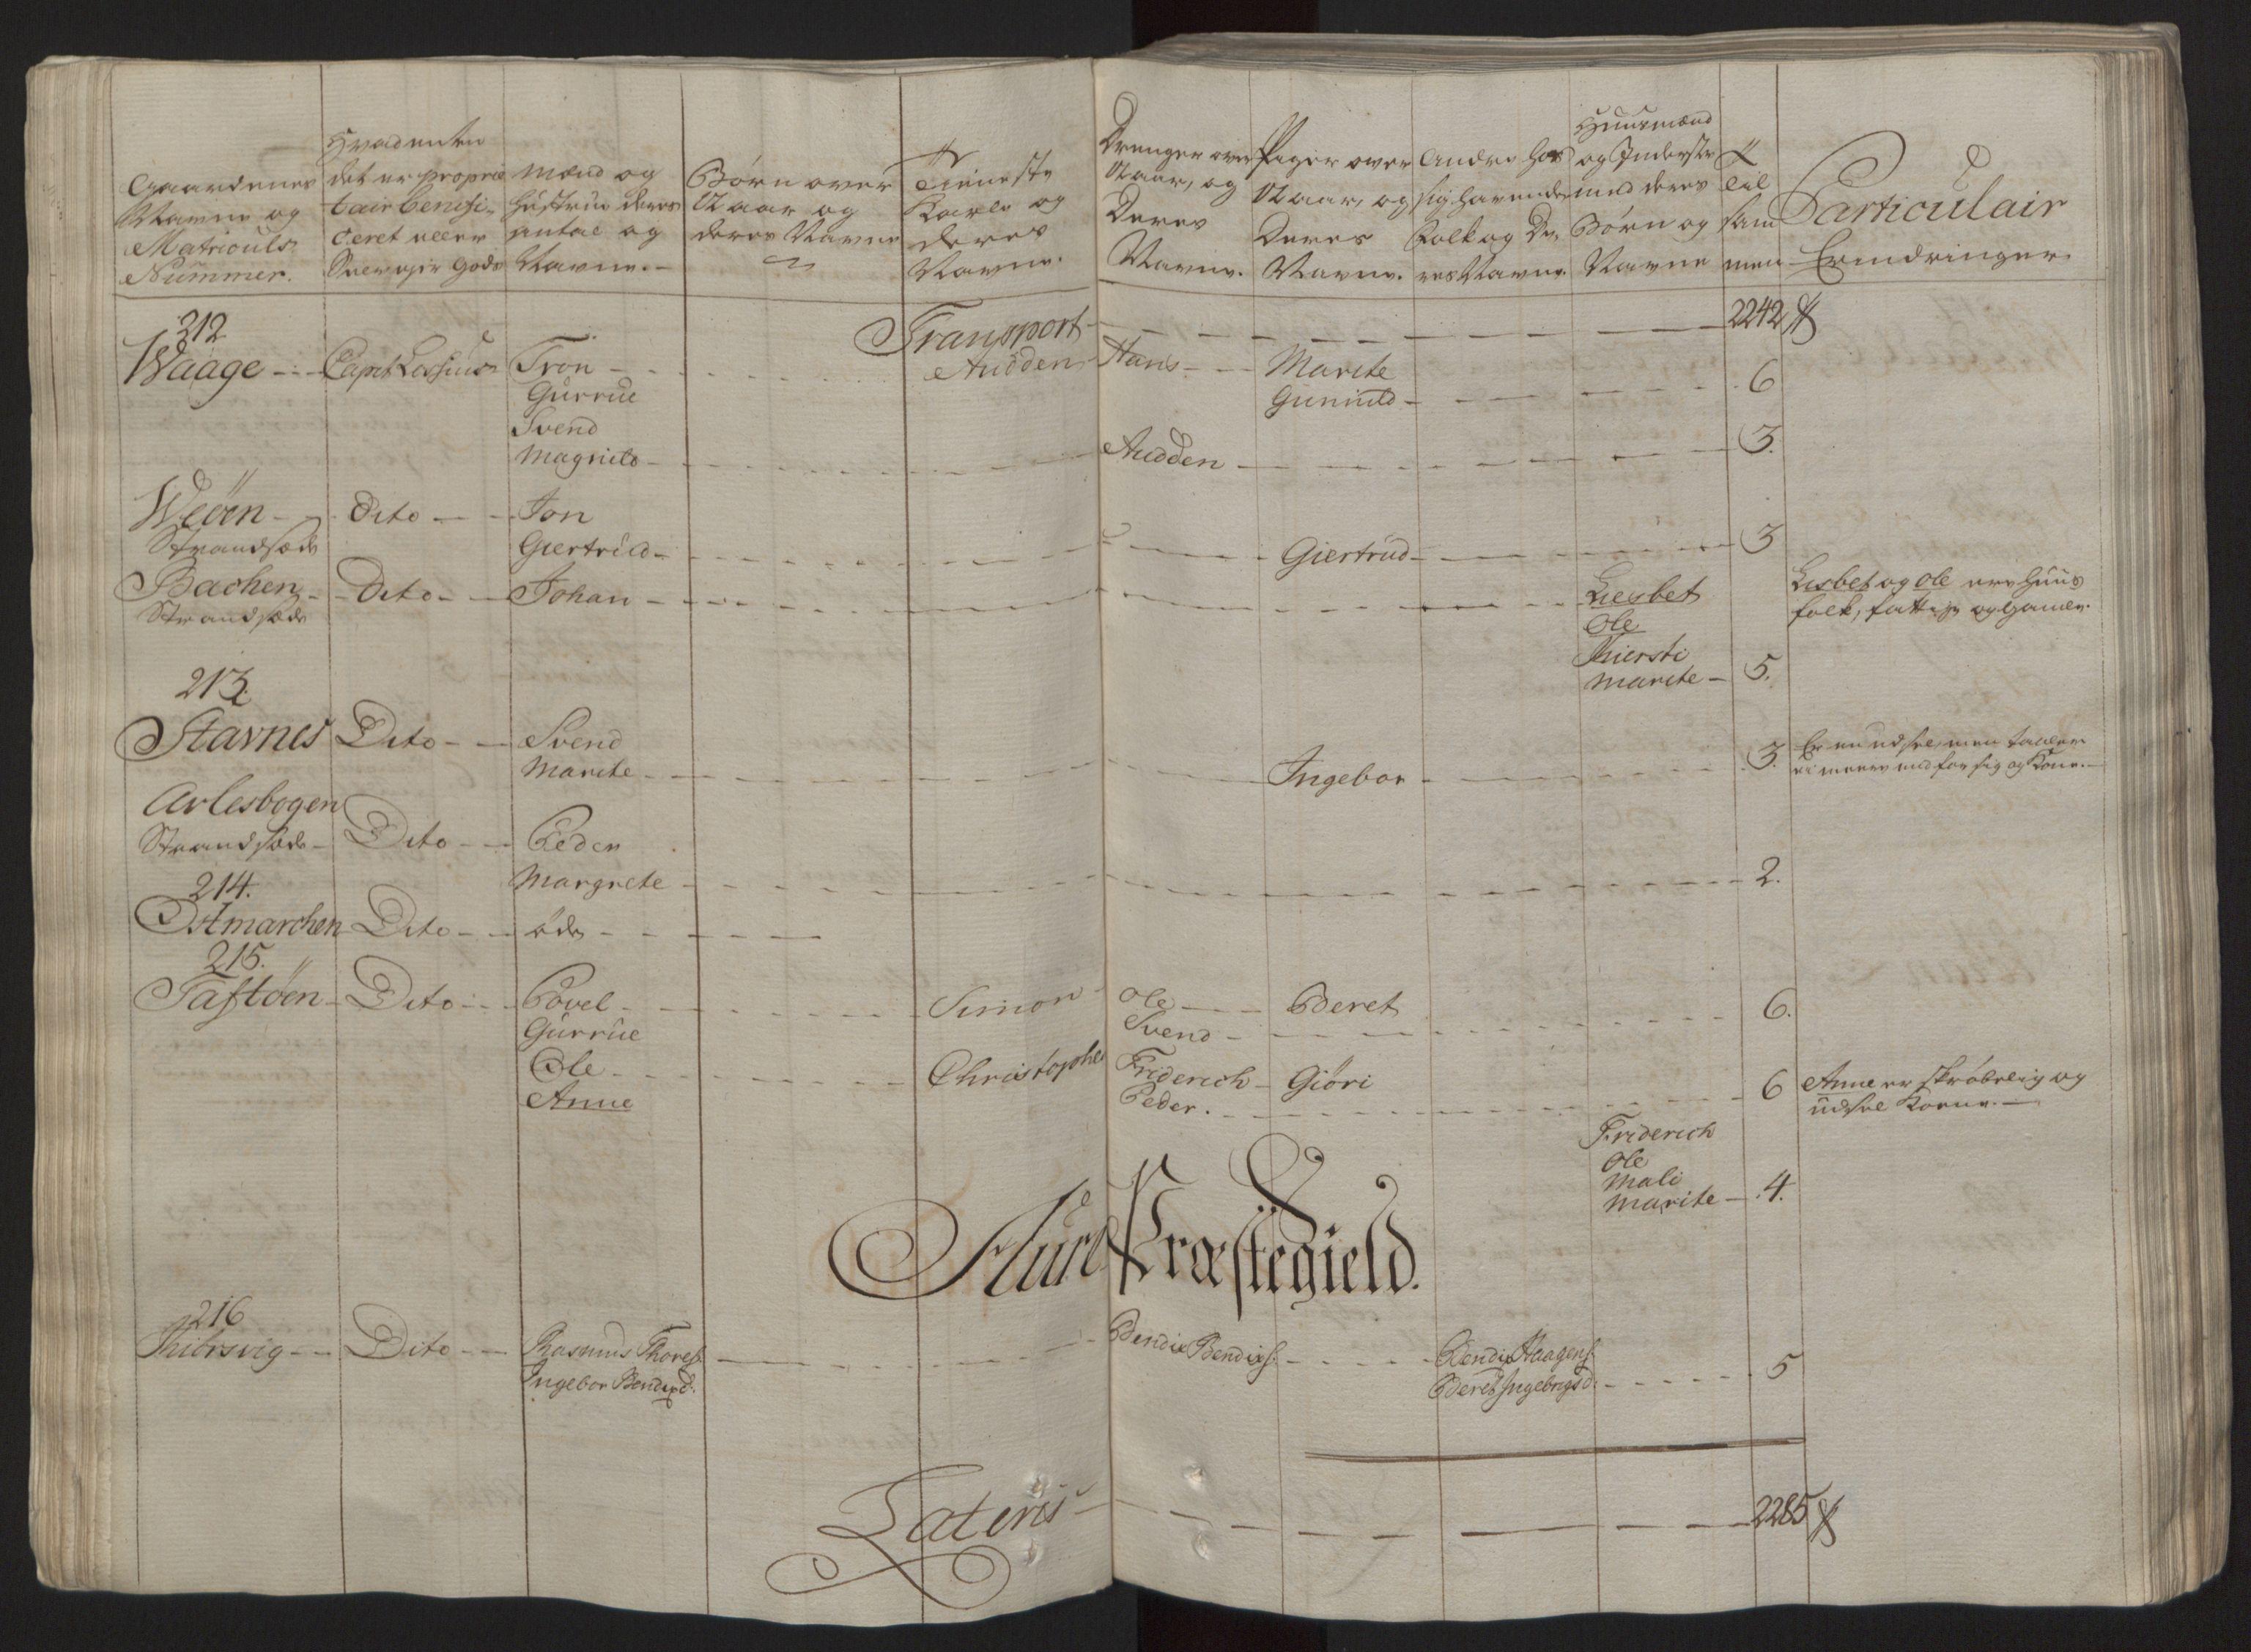 RA, Rentekammeret inntil 1814, Reviderte regnskaper, Fogderegnskap, R57/L3930: Ekstraskatten Fosen, 1762-1763, s. 56